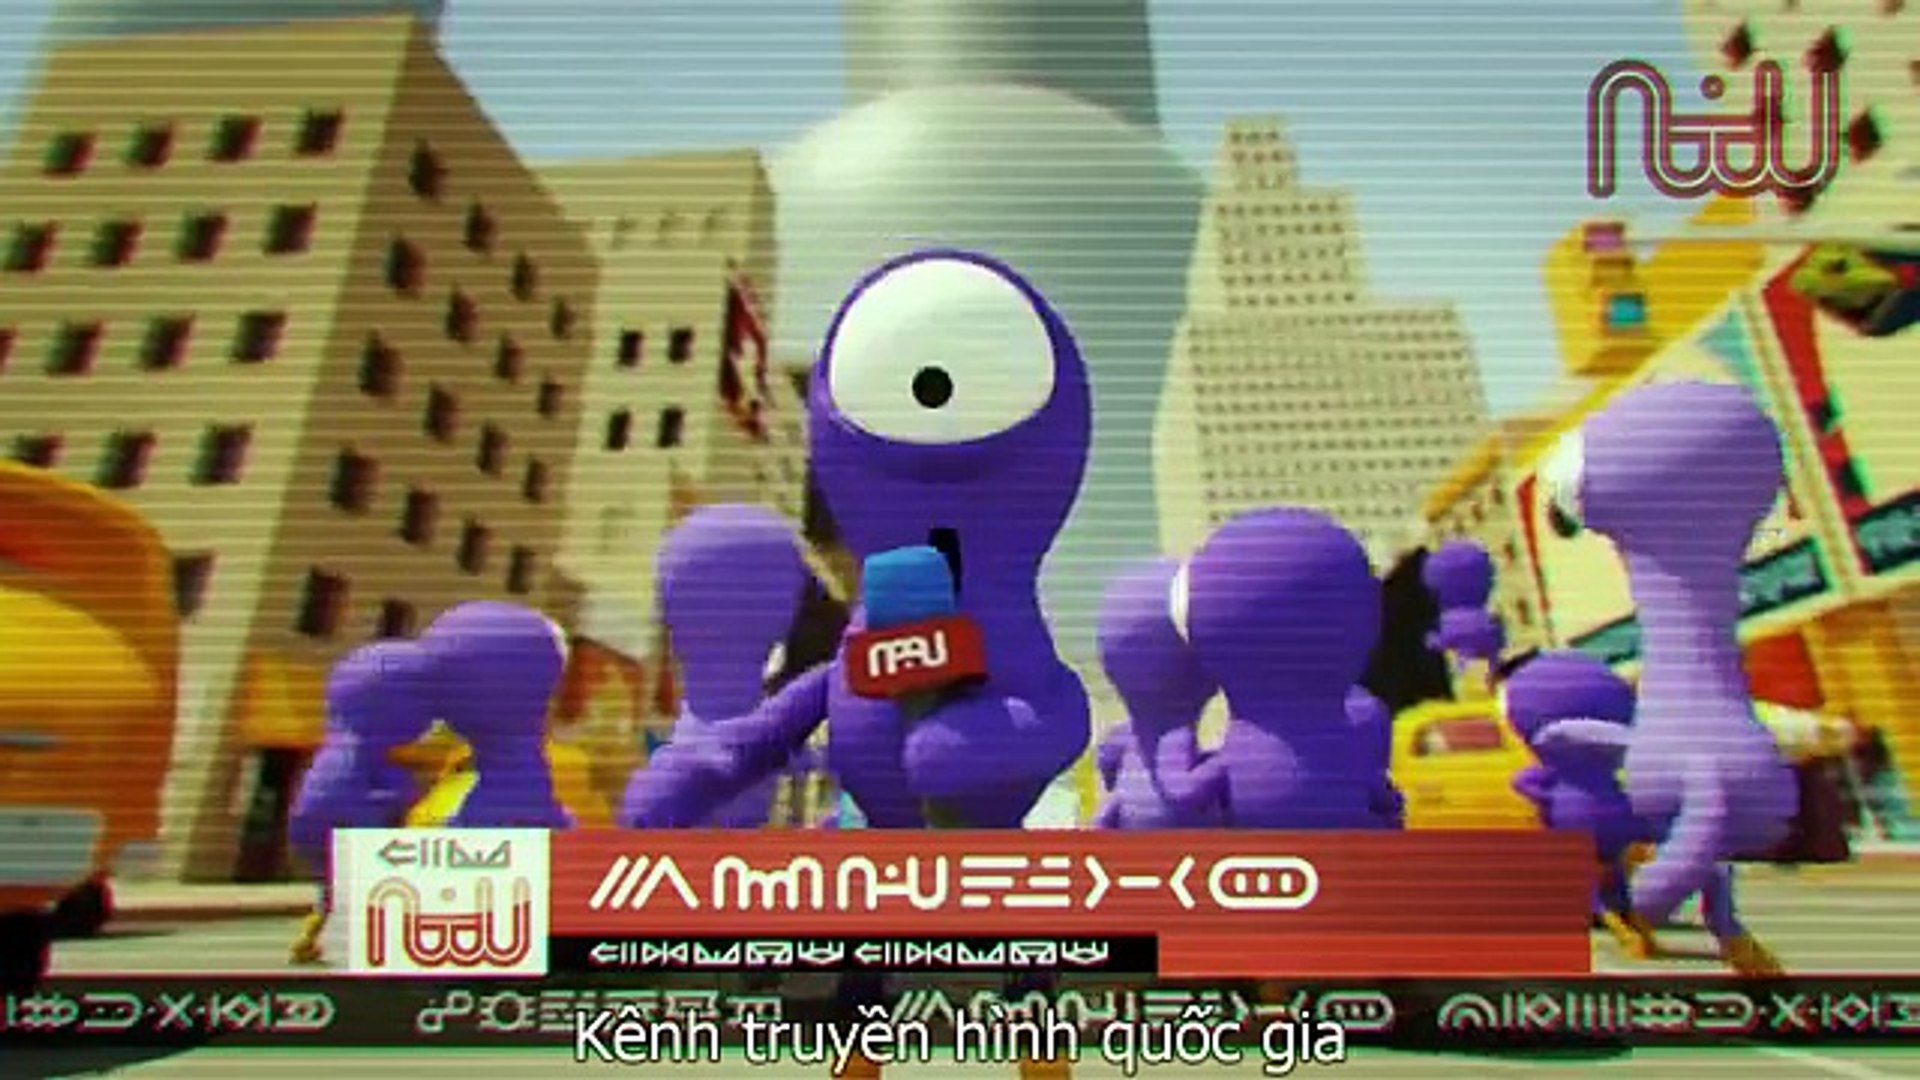 Phim hoạt hình HÀI cute siêu tưởng tượng ★ Giao hàng ngoài vũ trụ - 3D ✔